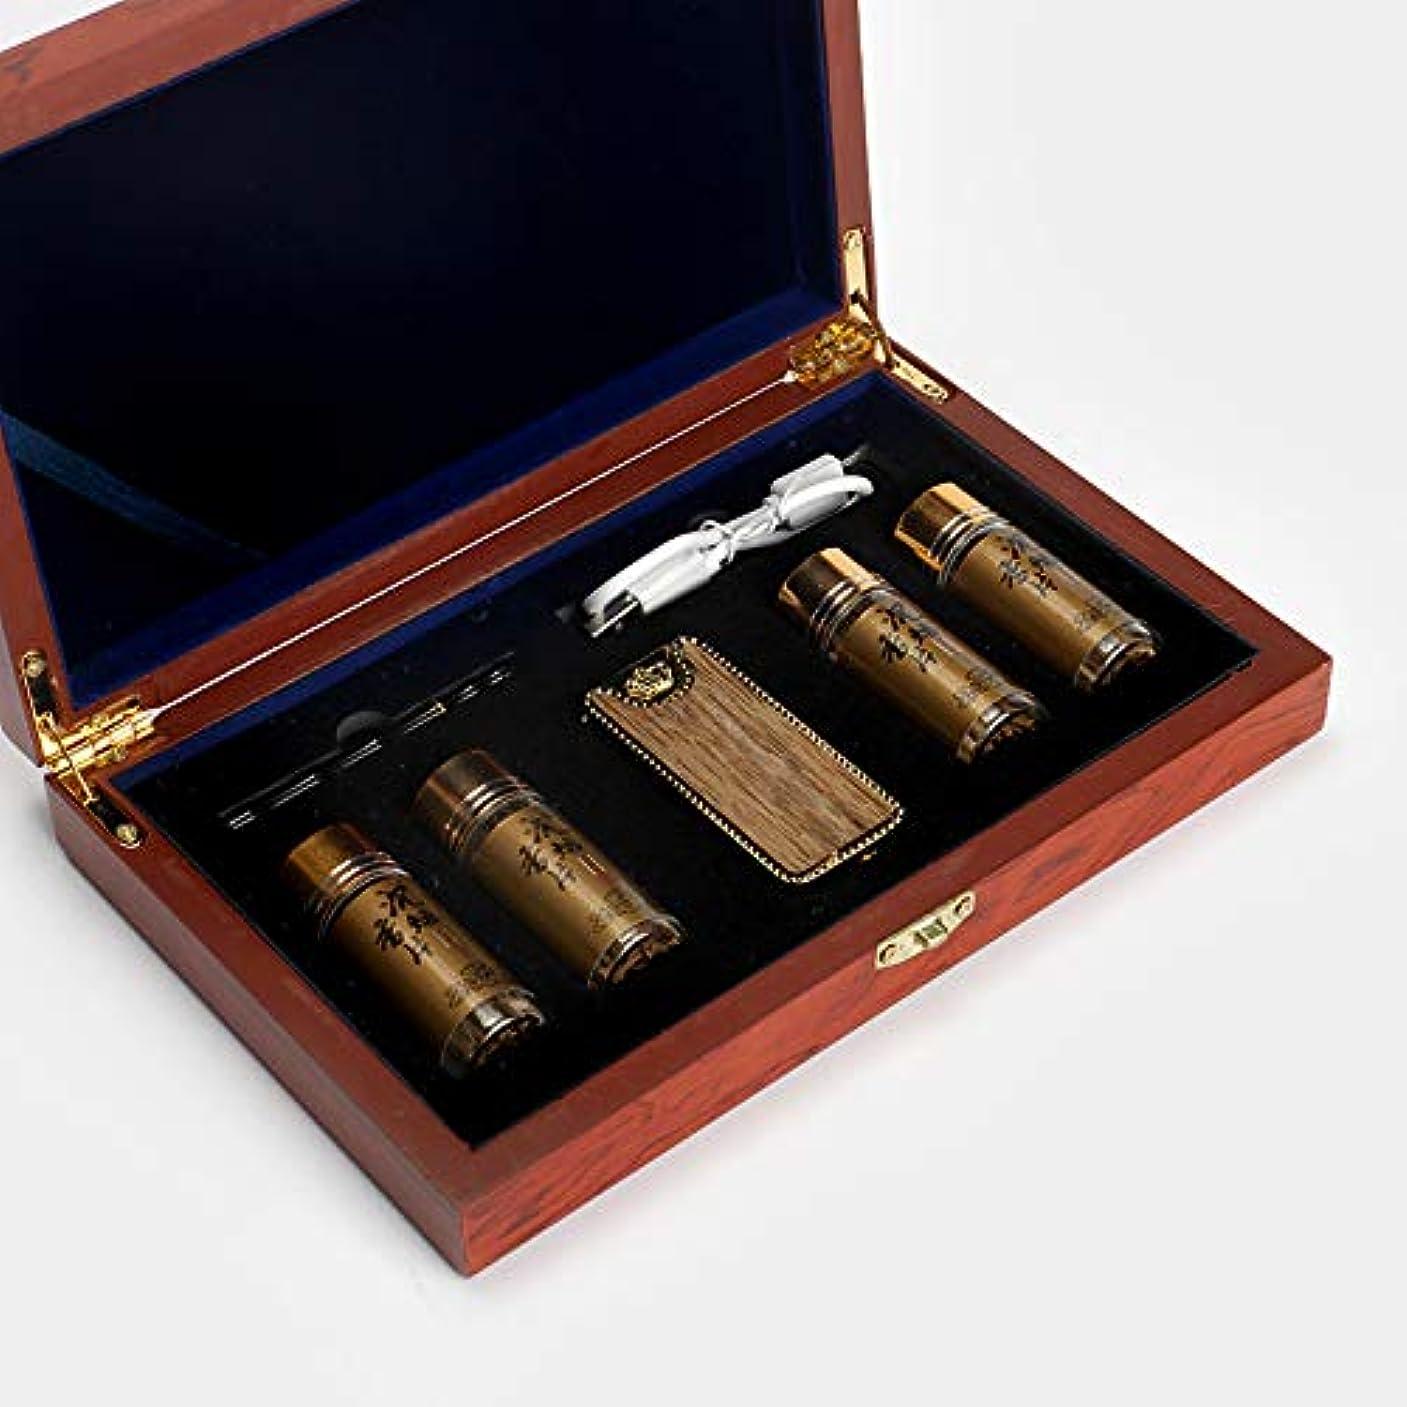 ディスカウントガラガラ引き出しDiatems - 五郎クラフトベトナムニャチャンシェンタバコの煙を挿入ギフトボックスShenxiang錠4本のボトル包装